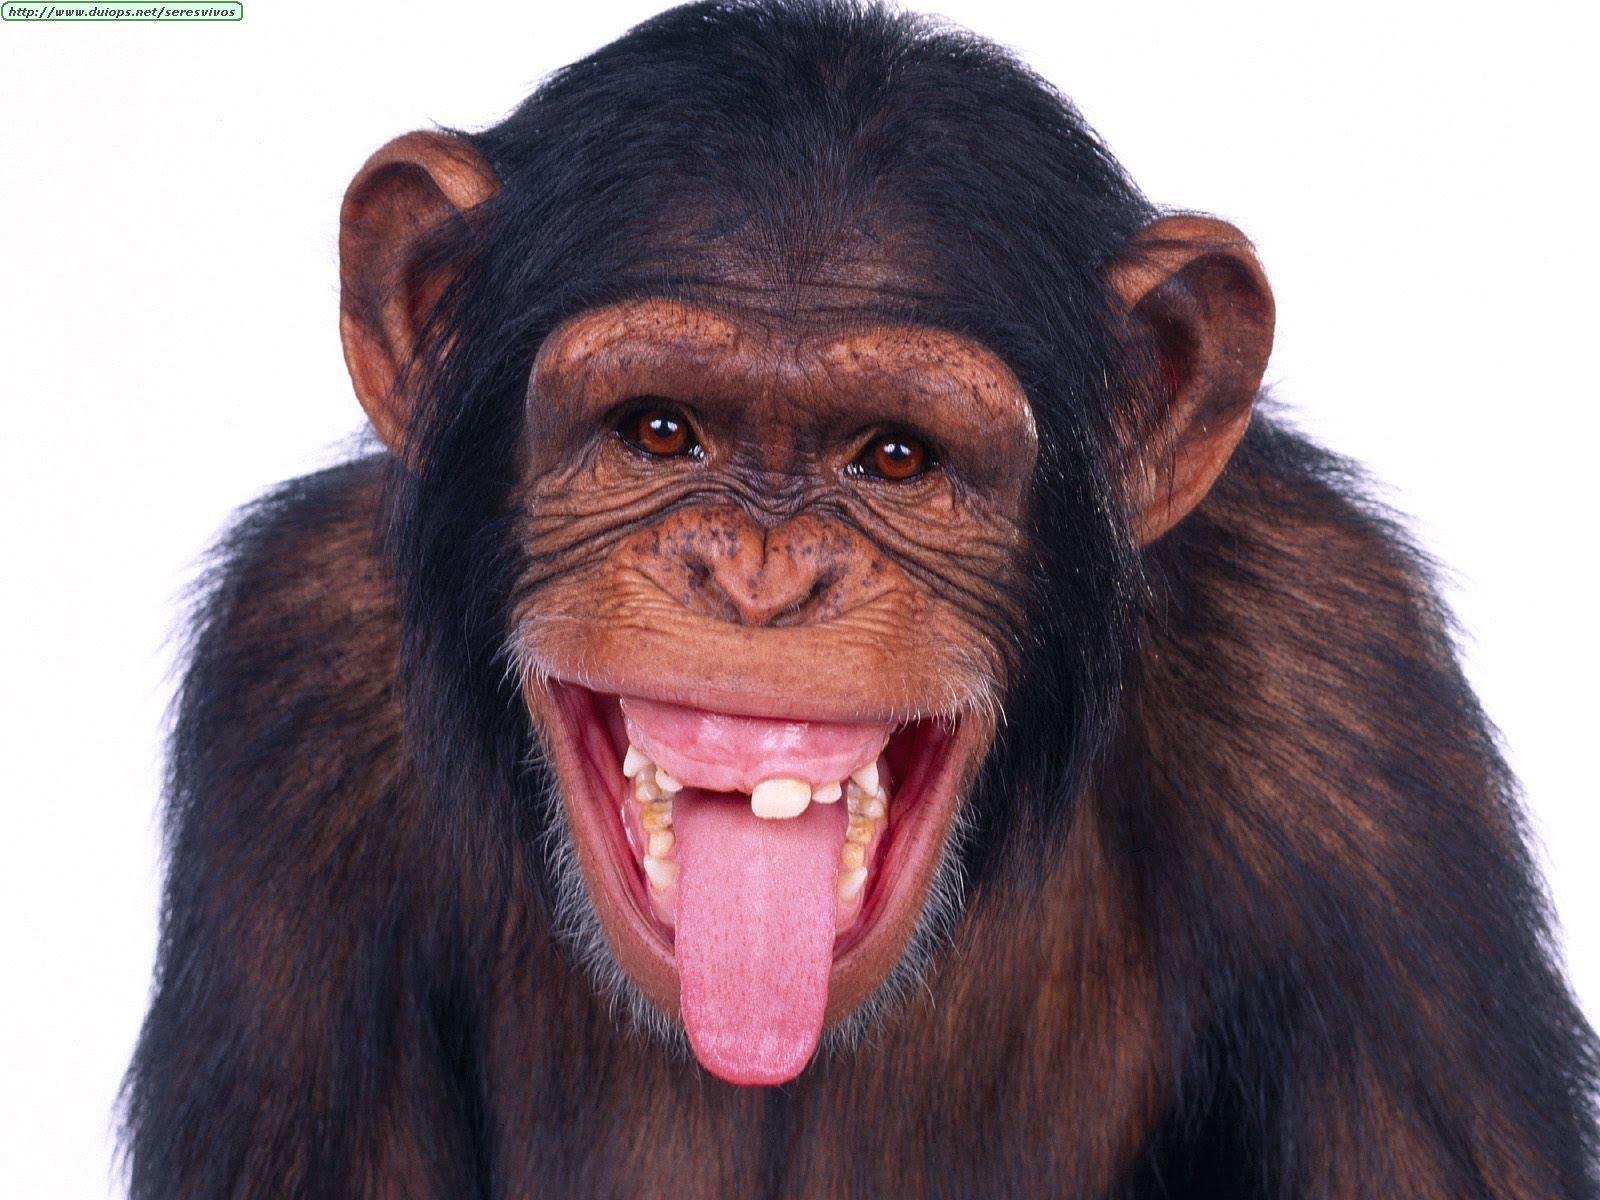 صورة عالم الحيوانات المضحكة , صور مدهشة ومختلفة من عالم غريب